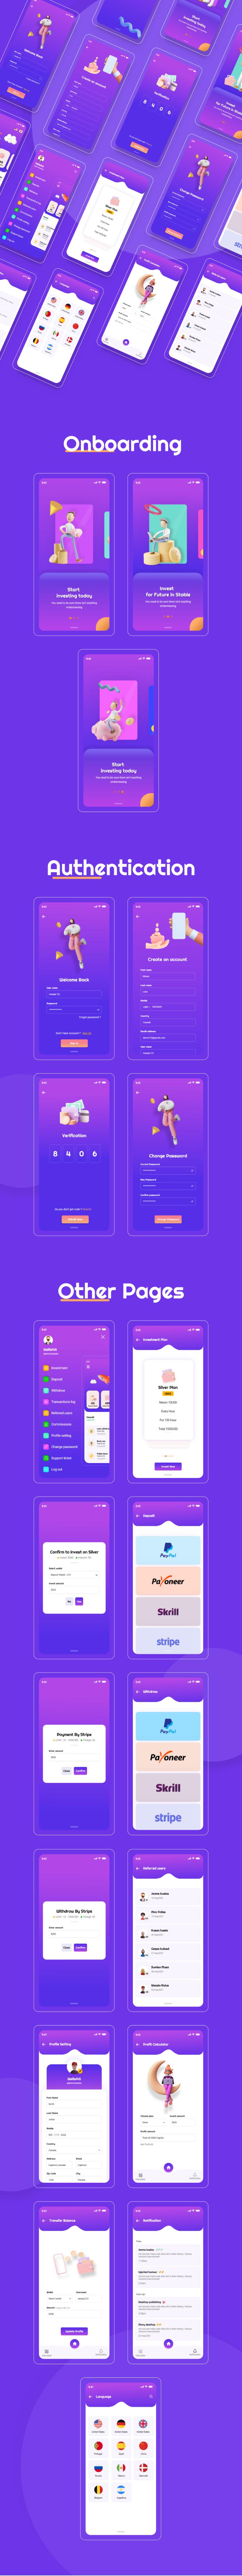 Hyipex - Hyip Investment  App UI Design - 1